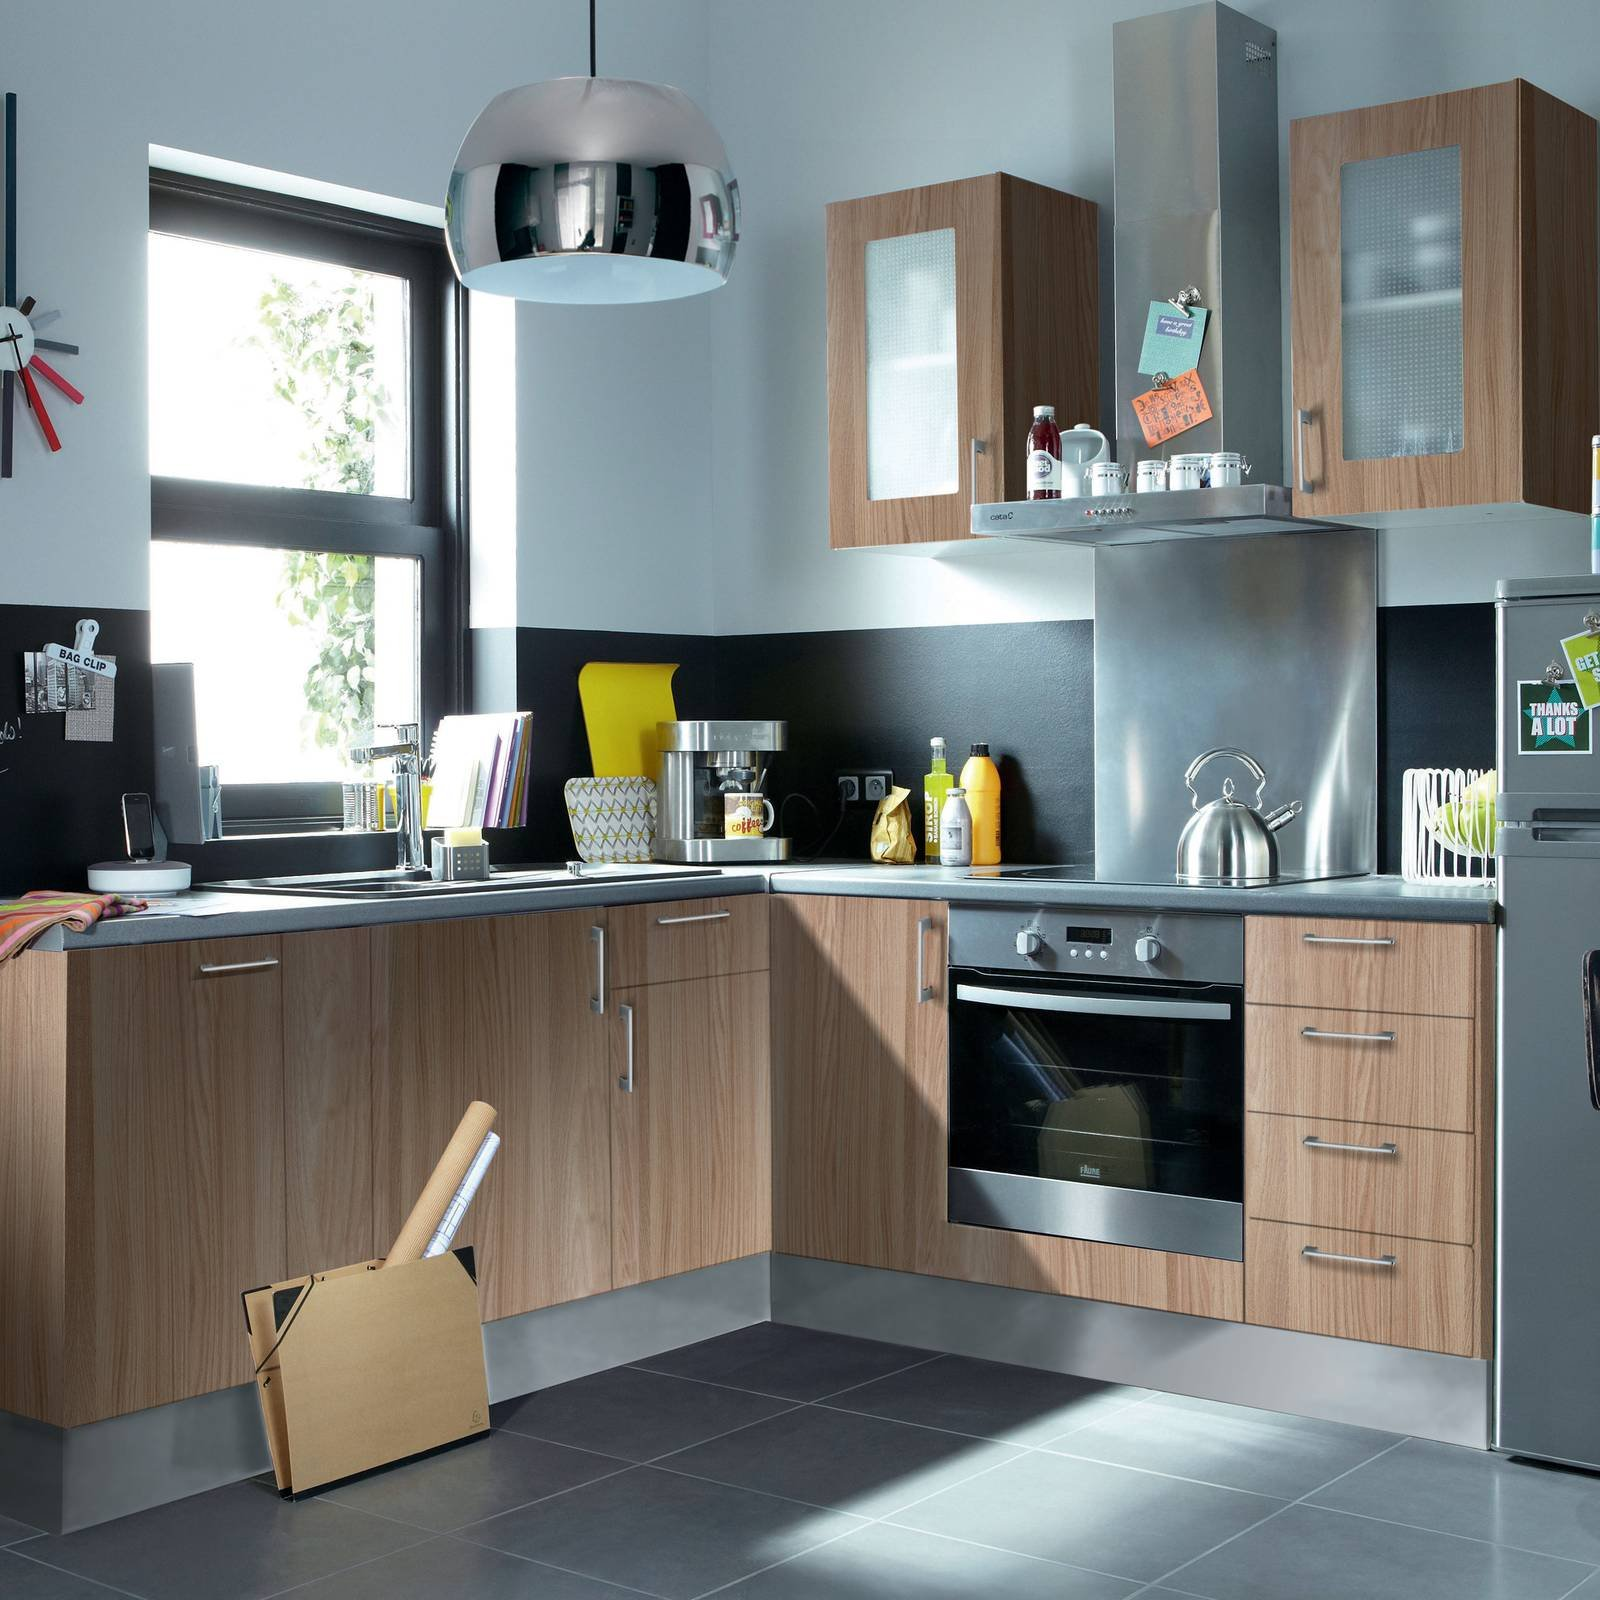 Cucine Componibili Con Angolo cucina a l: 10 composizioni ad angolo - cose di casa